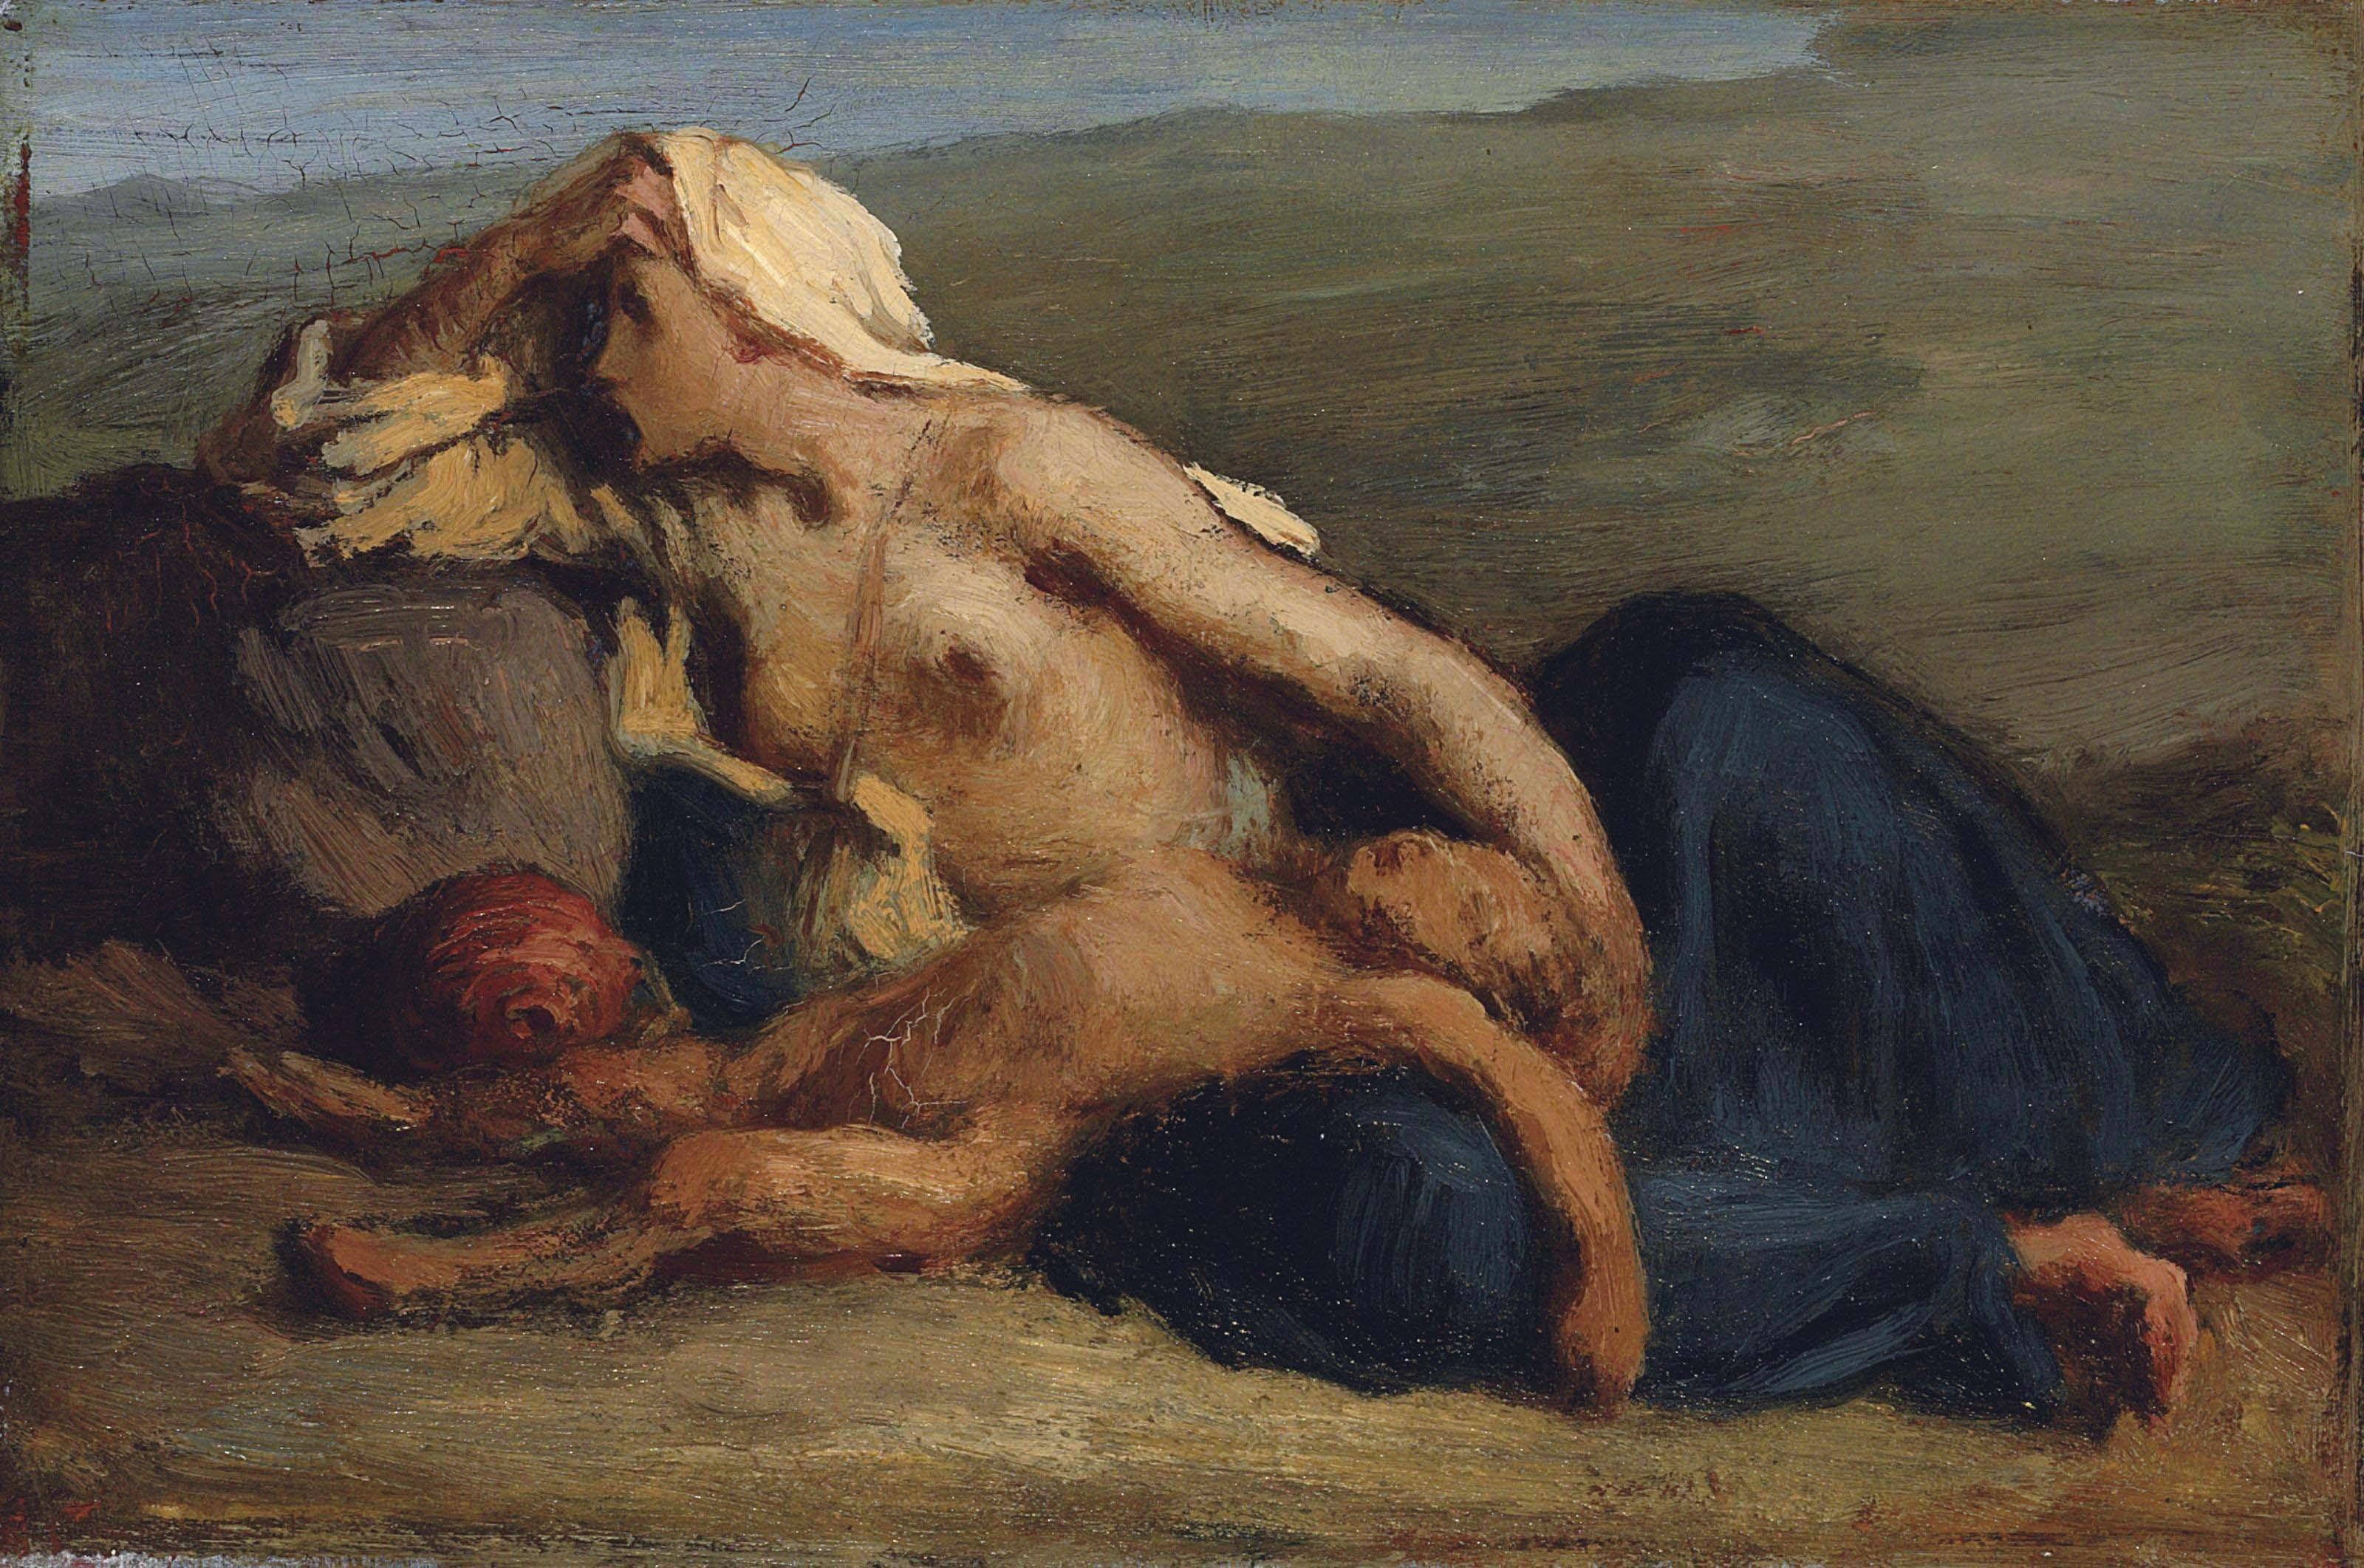 Jean-François Millet, Agar et Ismaël, Huile sur toile, 17 cm / 25,4 cm. ENviron 1840